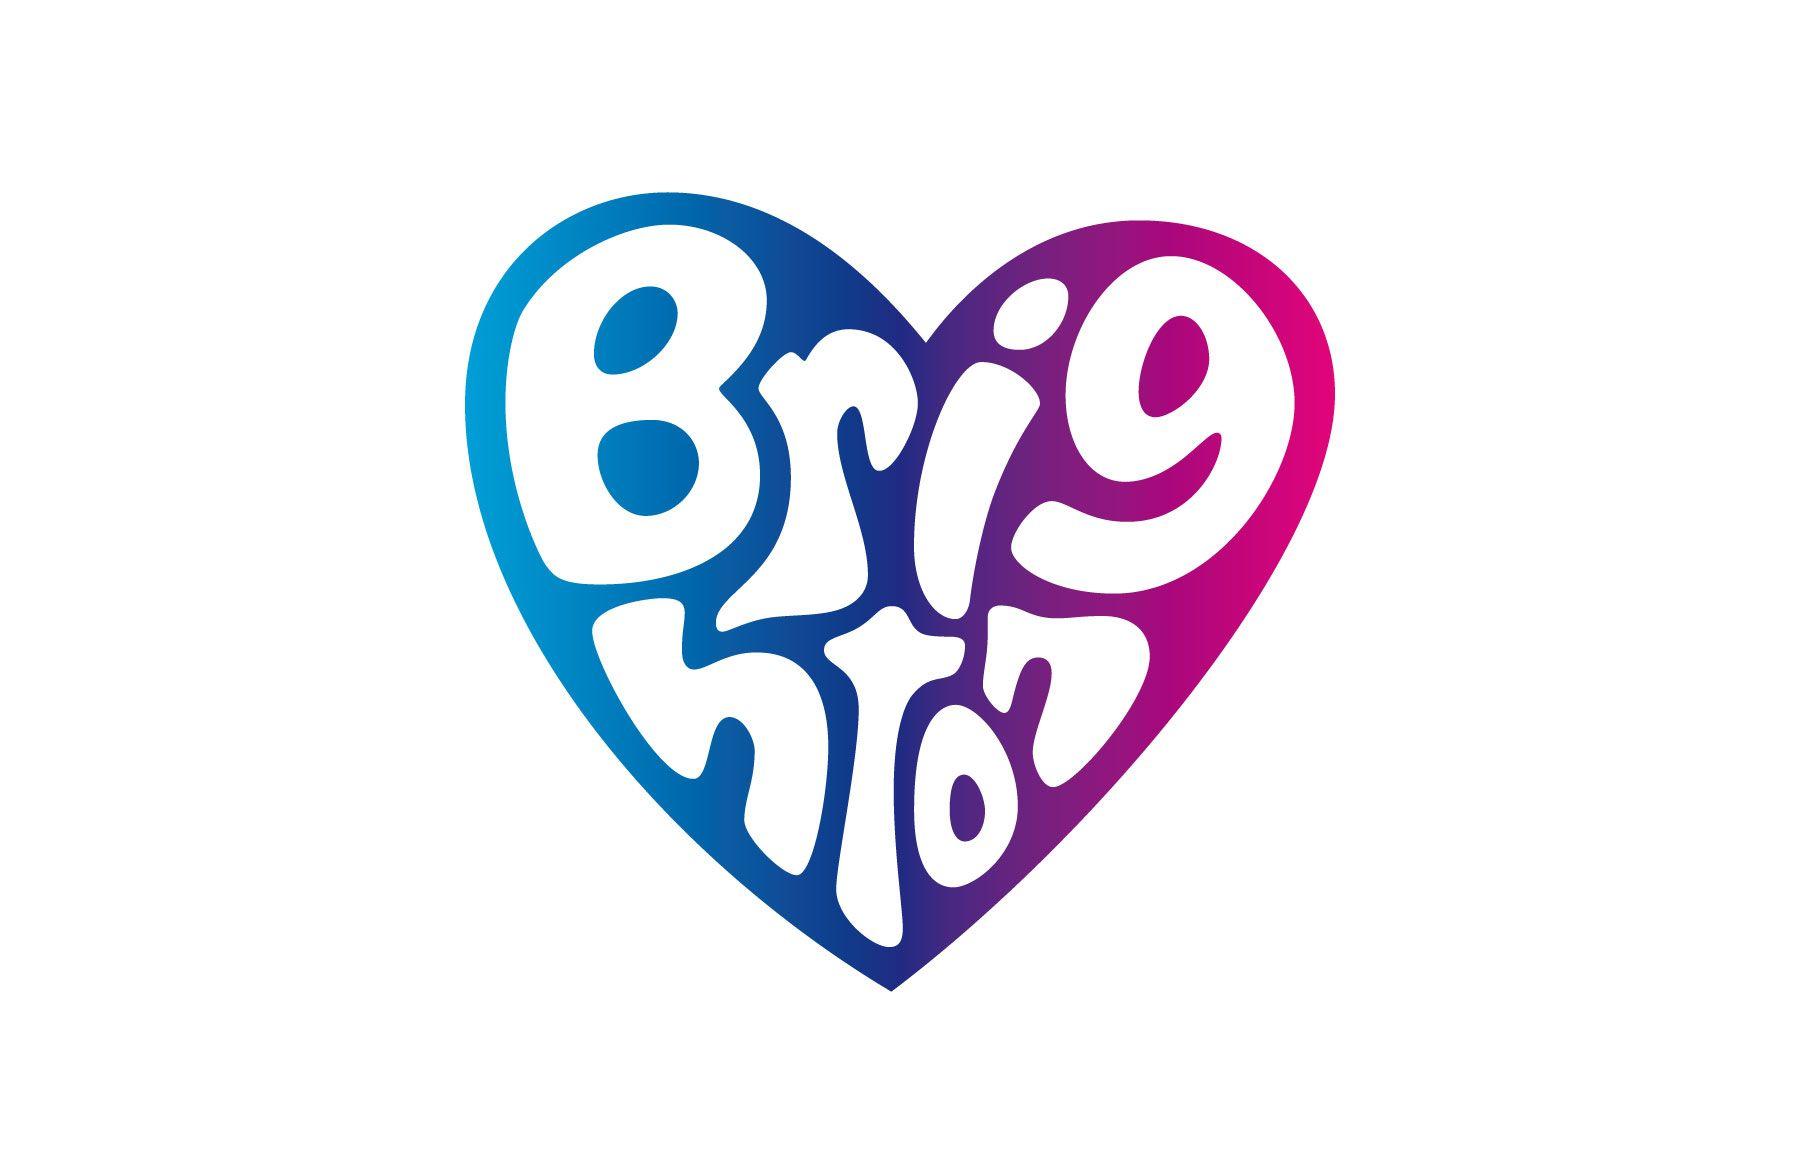 brighton logo - Google Search   brighton   Pinterest   Brighton ...